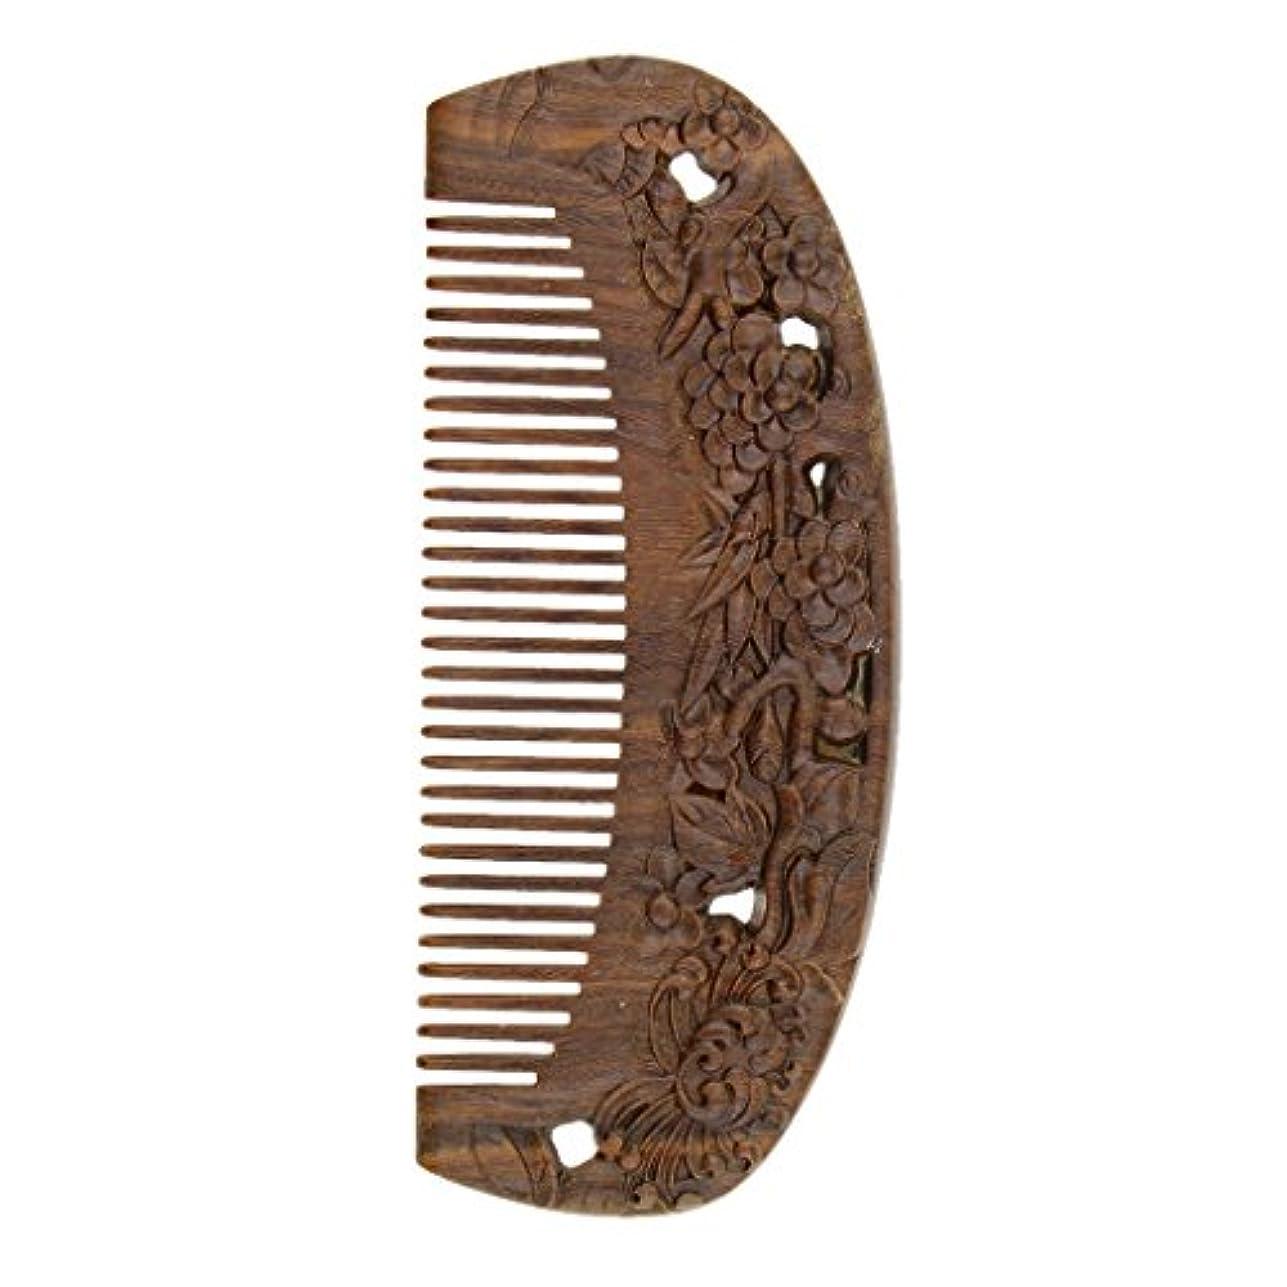 に付ける工夫する民間DYNWAVE ヘアスタイリング 木製コーム ウッドコーム ワイド歯 頭皮マッサージ ヘアブラシ 全2種類 - #2